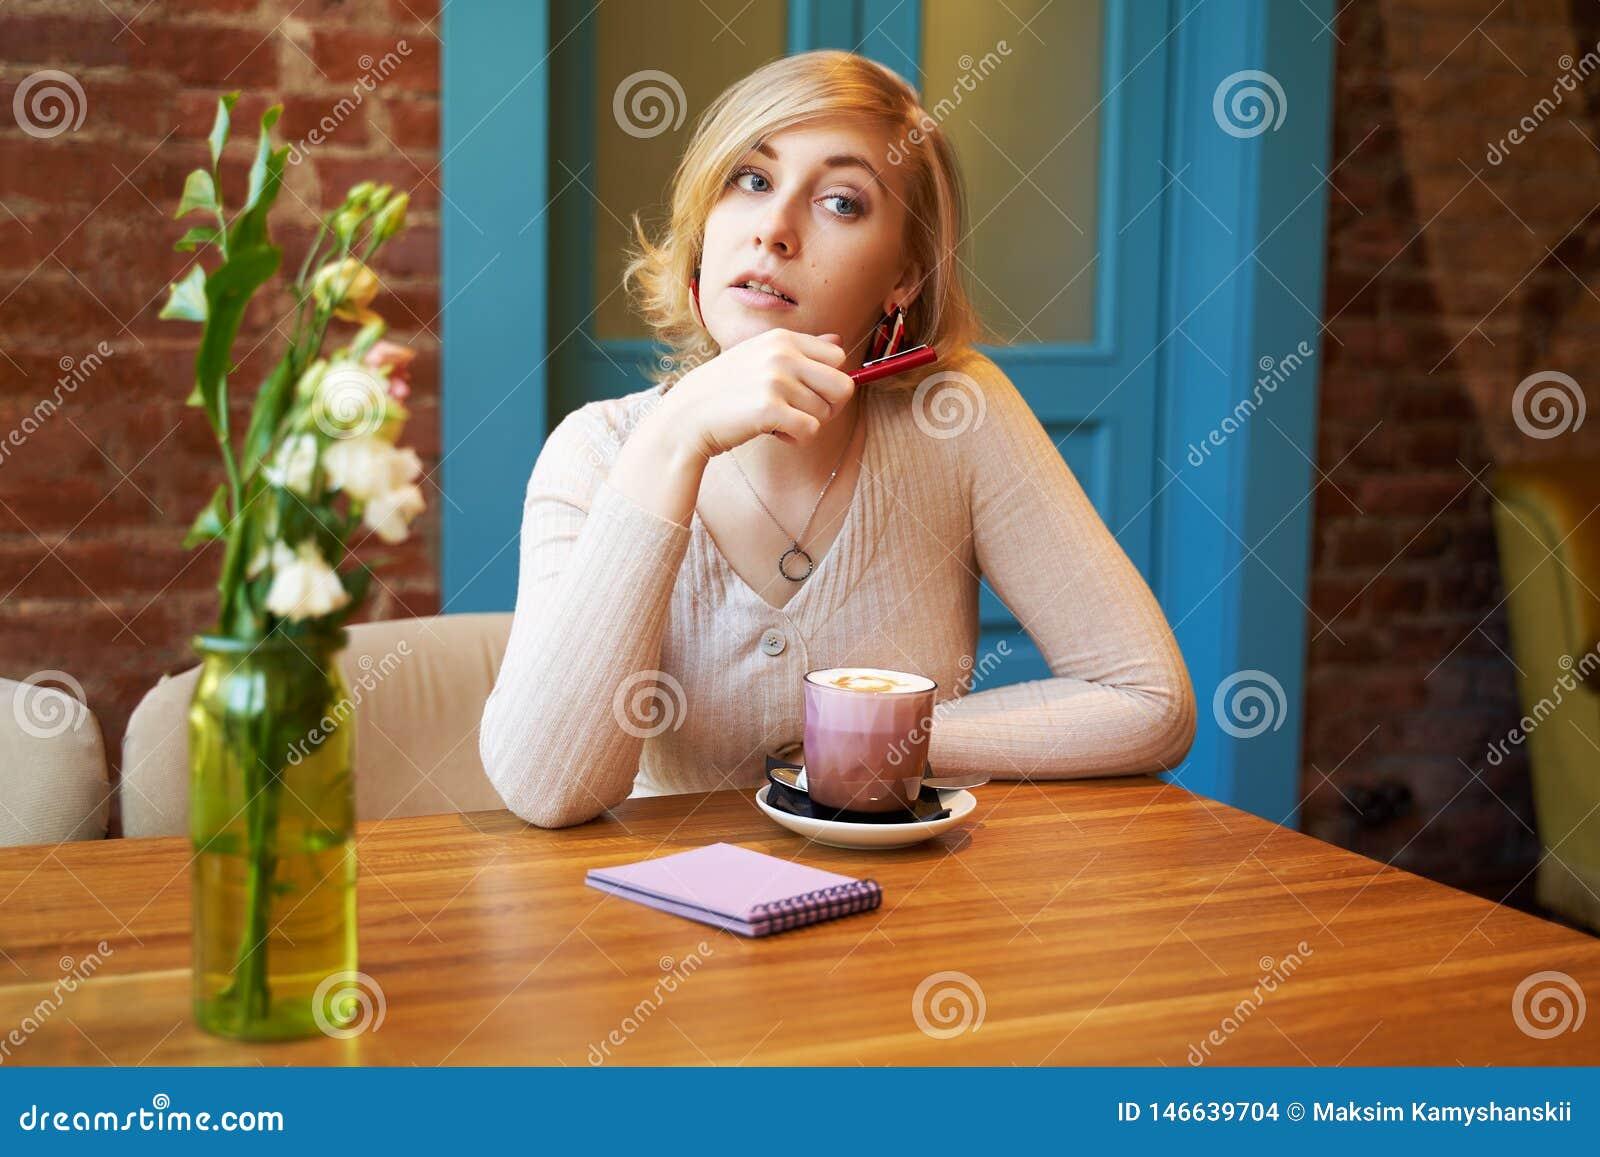 Σοβαρό στοχαστικό κορίτσι που εξετάζει τη κάμερα r